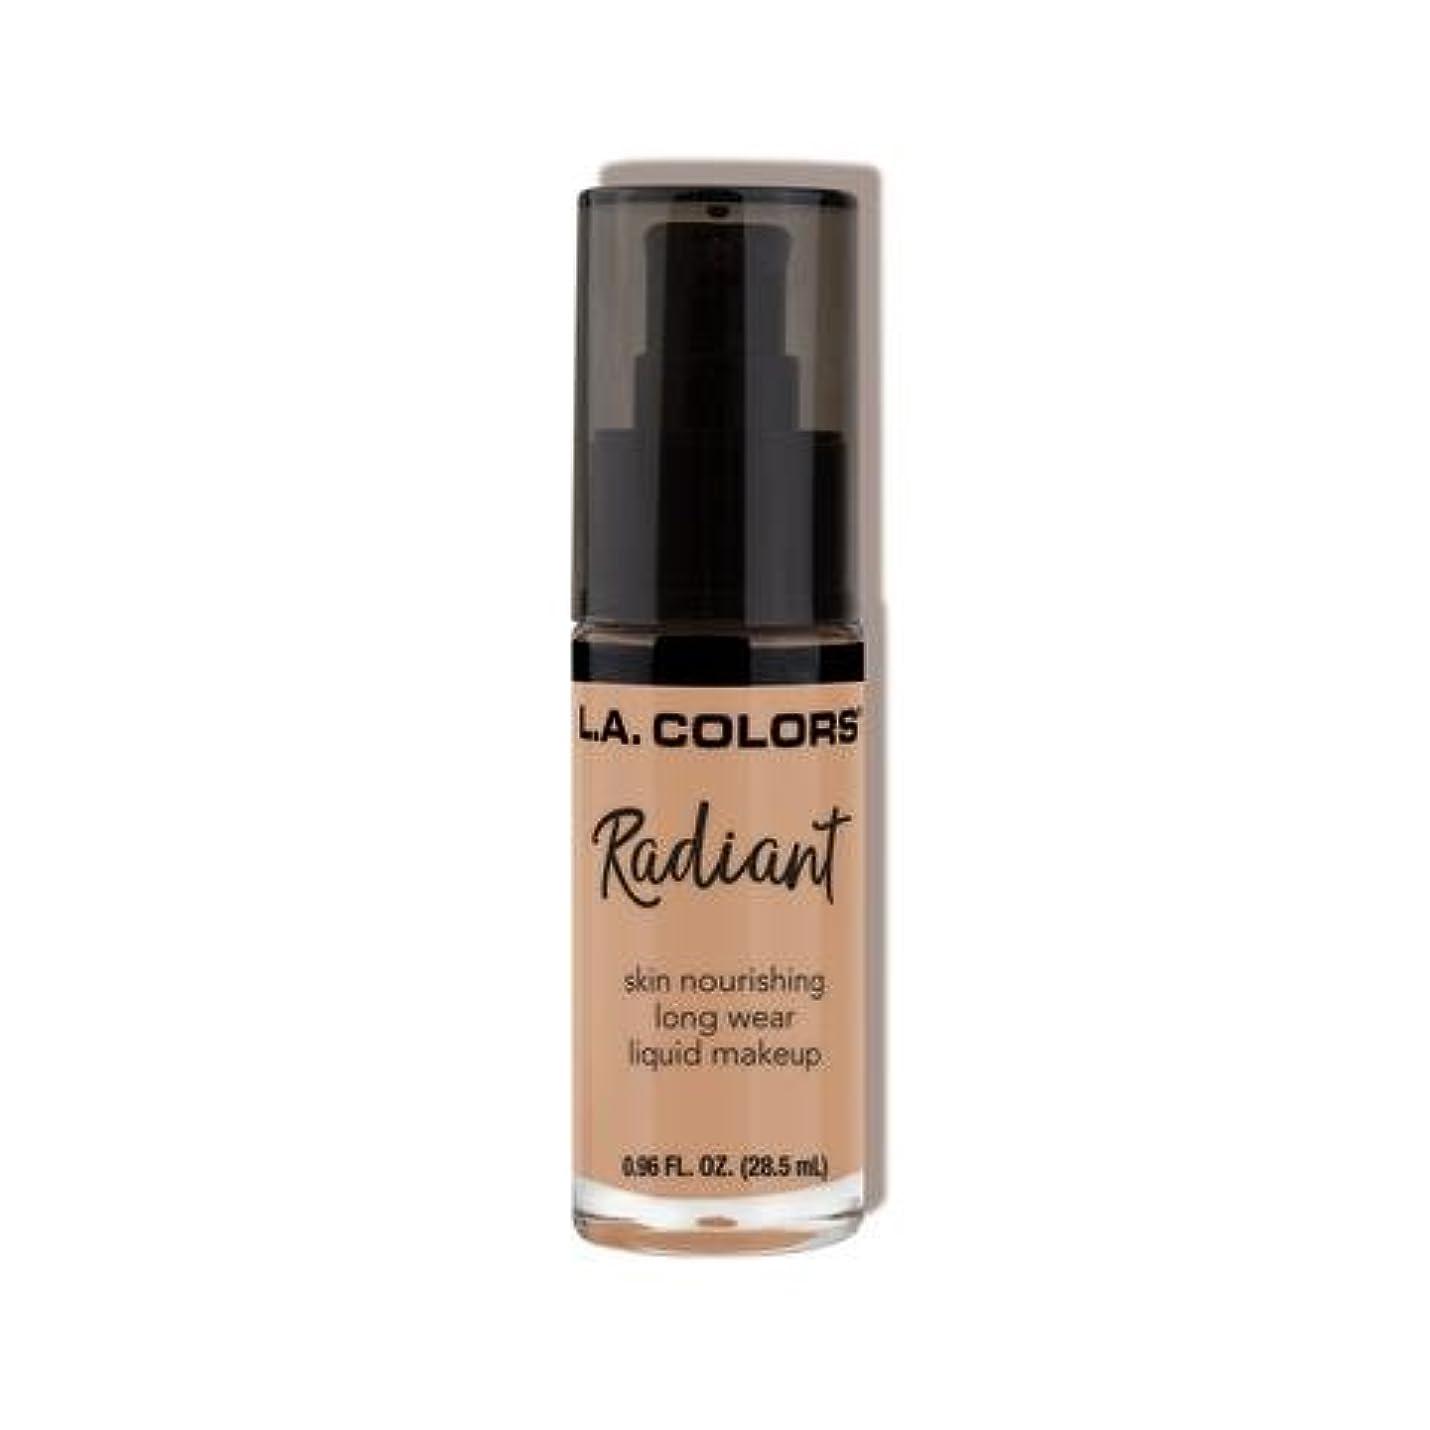 掃く一貫性のない挨拶(3 Pack) L.A. COLORS Radiant Liquid Makeup - Fair (並行輸入品)